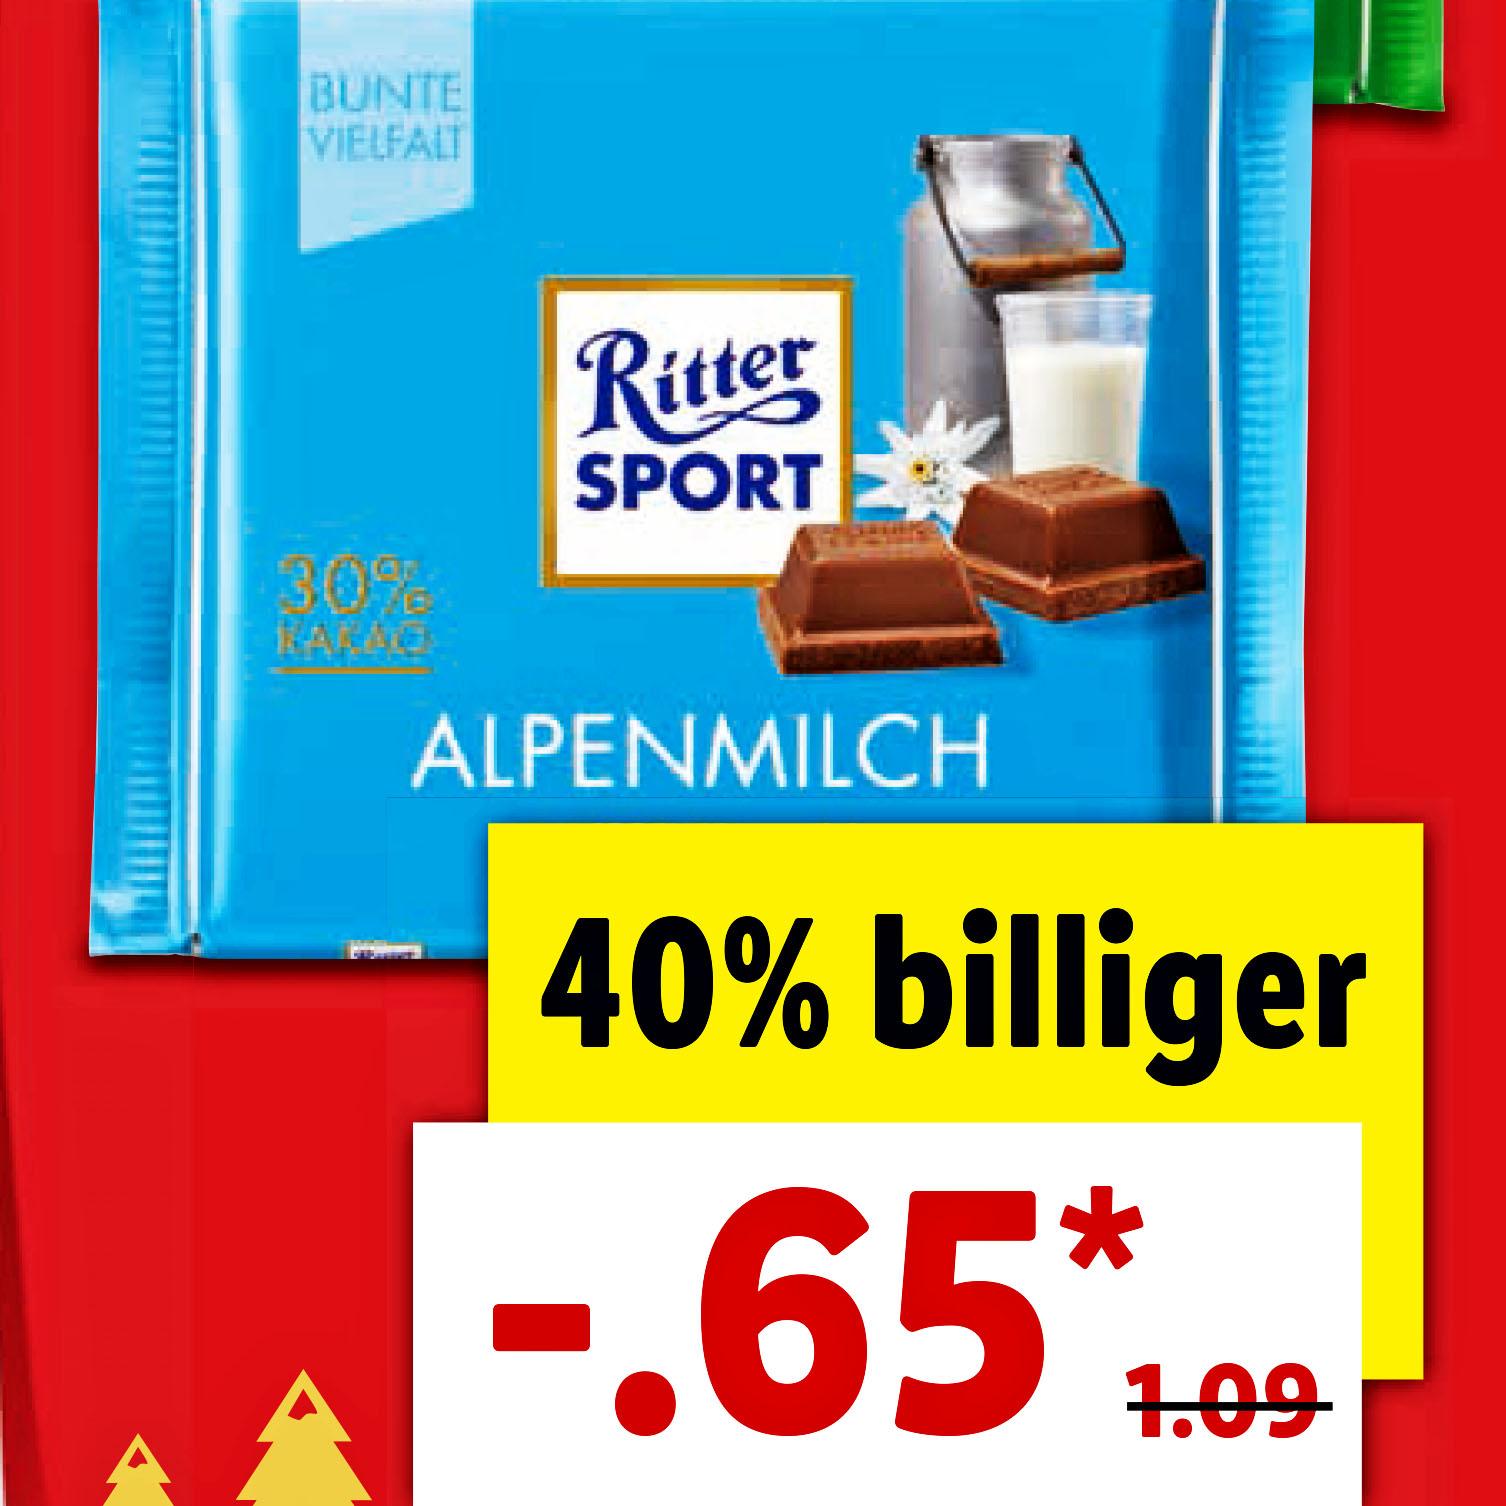 Ritter Sport Bunte Vielfalt auch die Wintersorten für nur 65 Cent bei (Lidl)